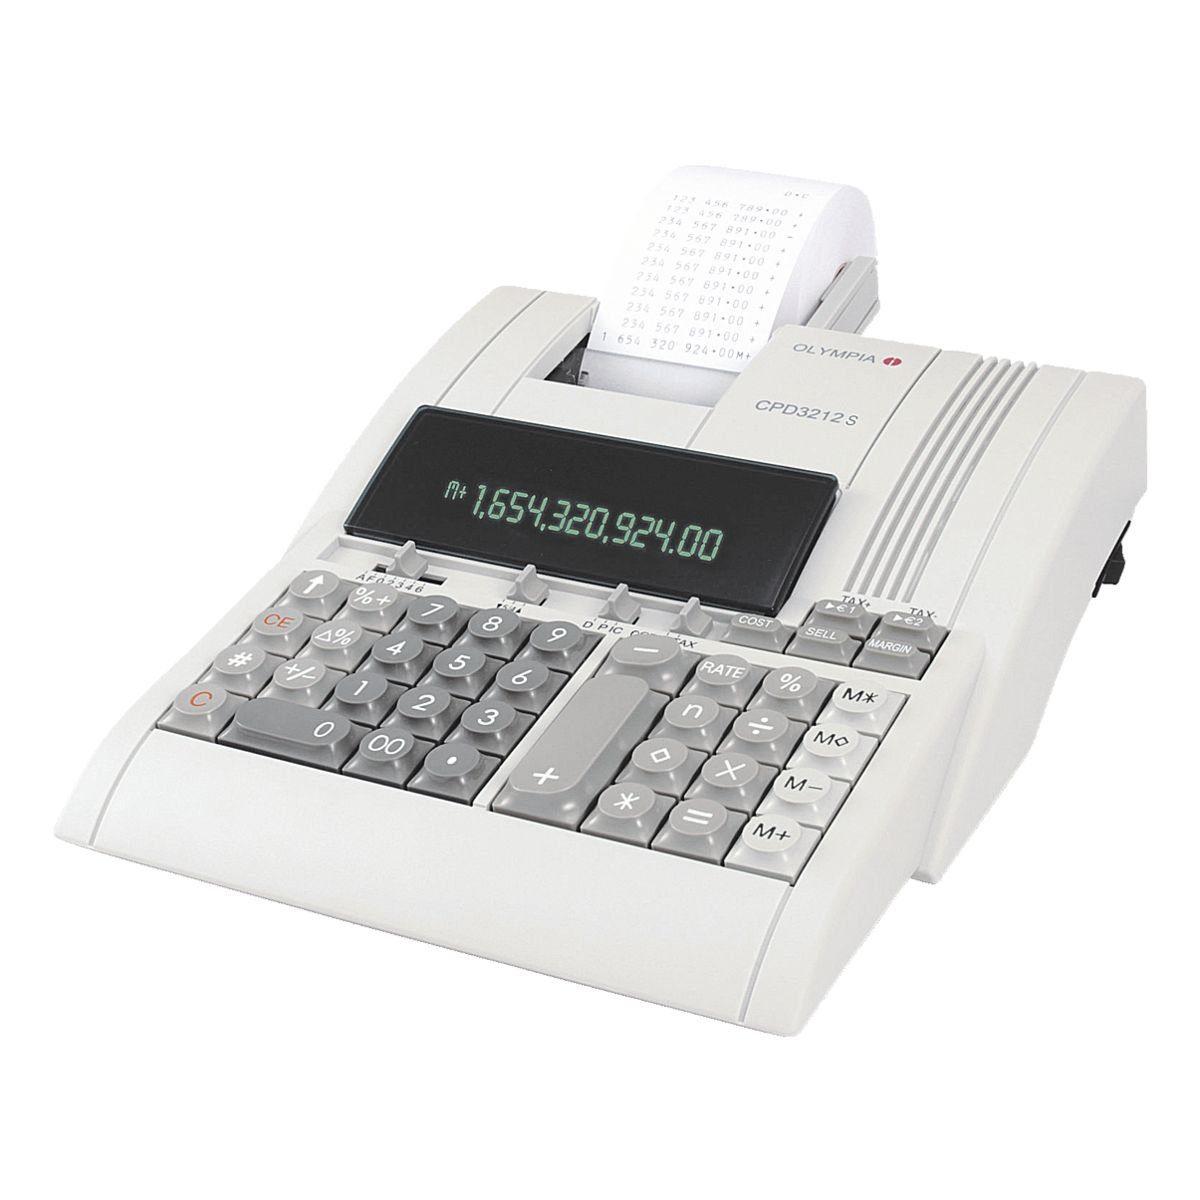 Olympia Druckender Tischrechner »CPD 3212 T«